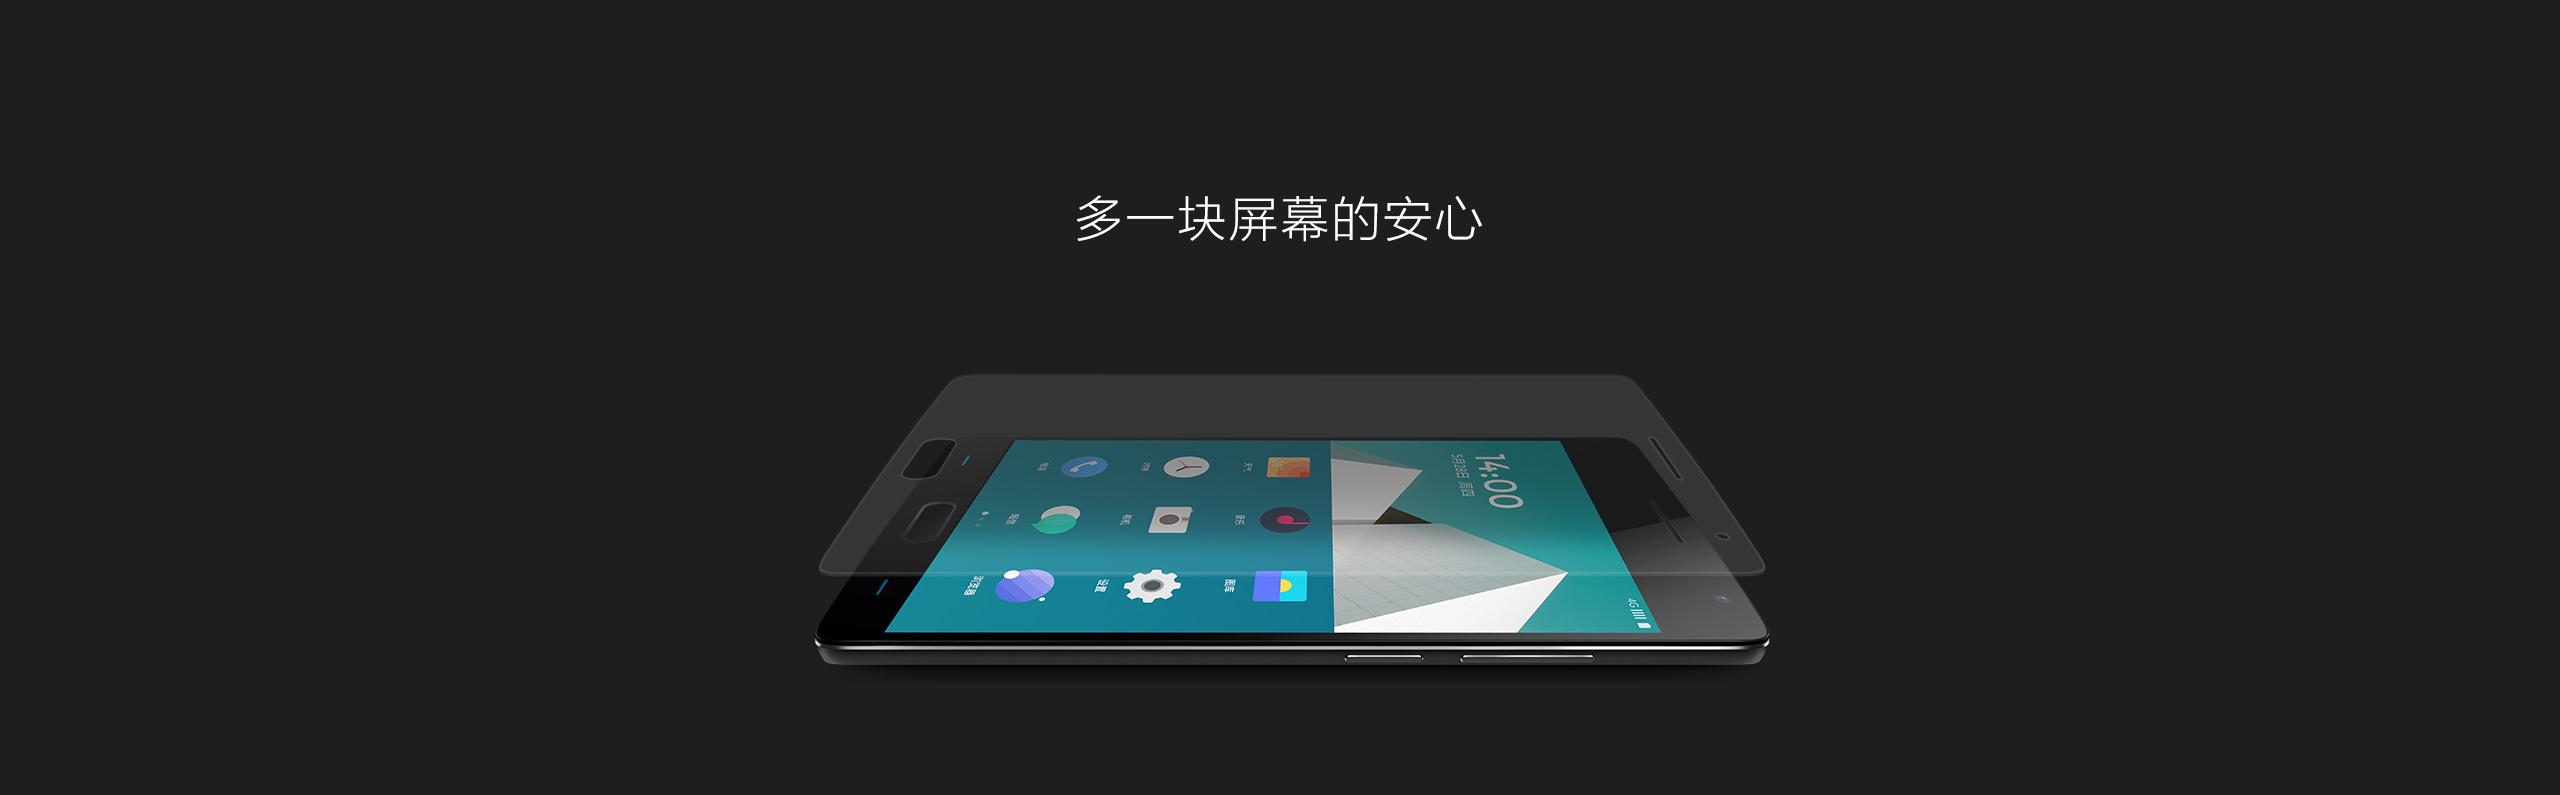 一加手机2钢化玻璃保护膜6